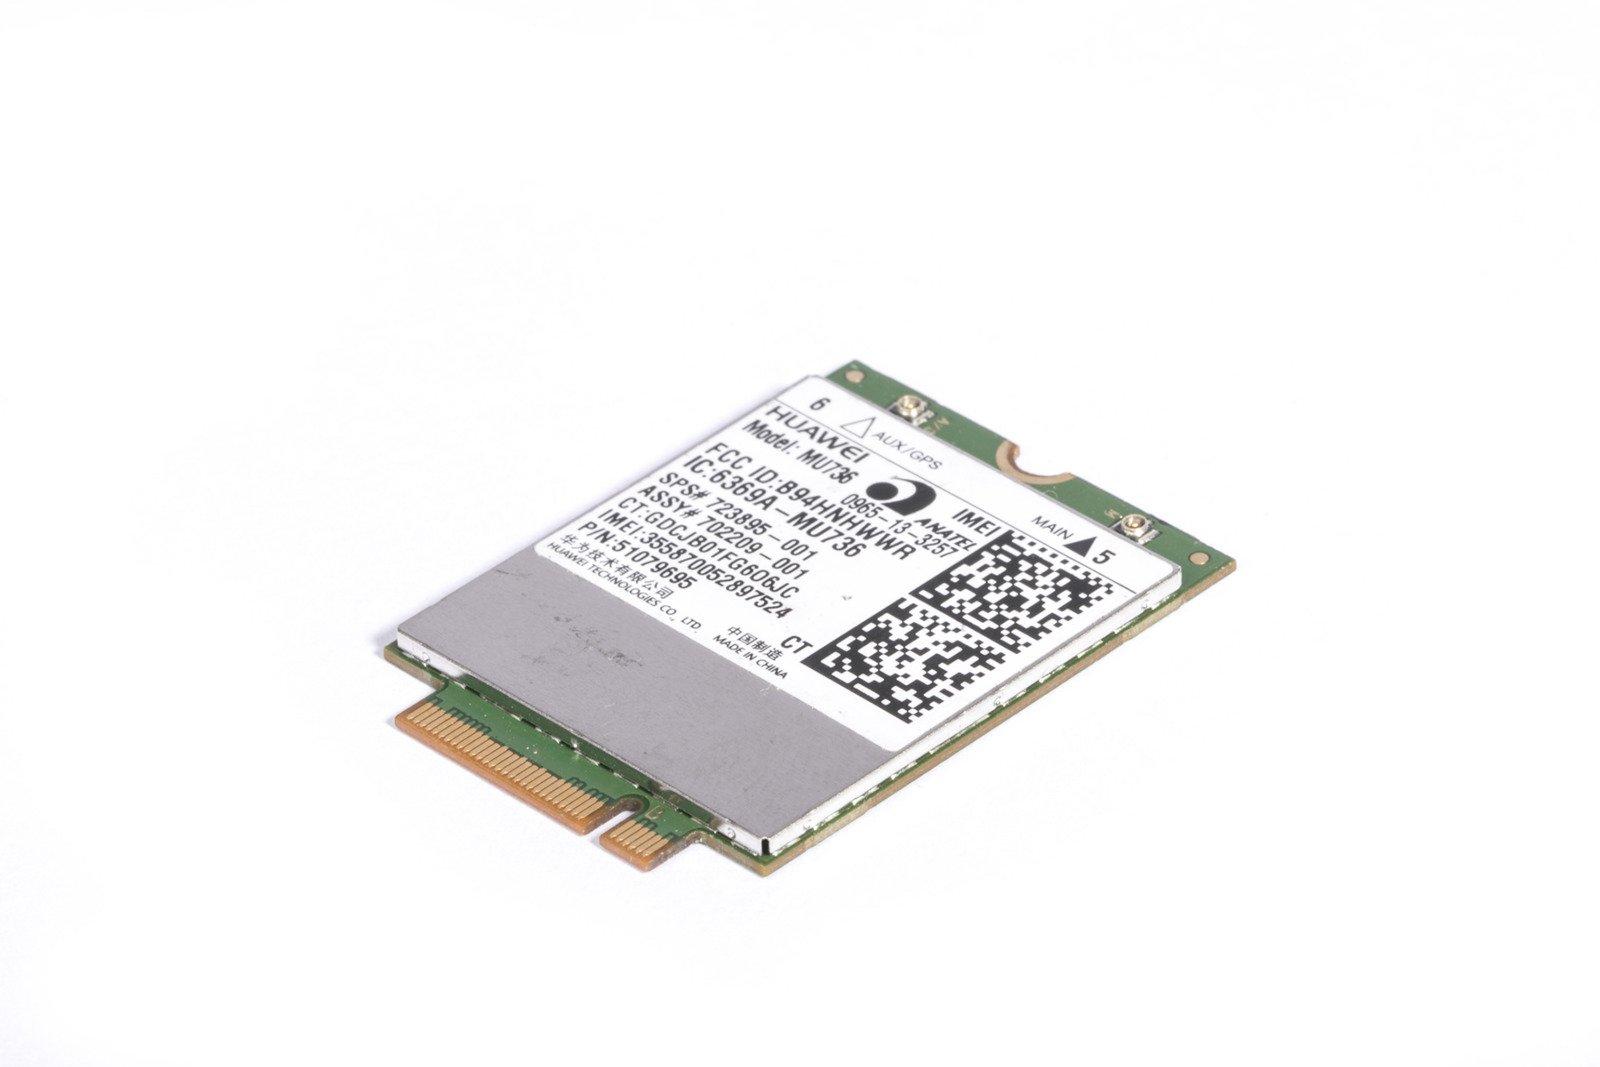 Huawei MU736 723895-001 3G HSPA+ GPS NGFF M.2 Module WWAN